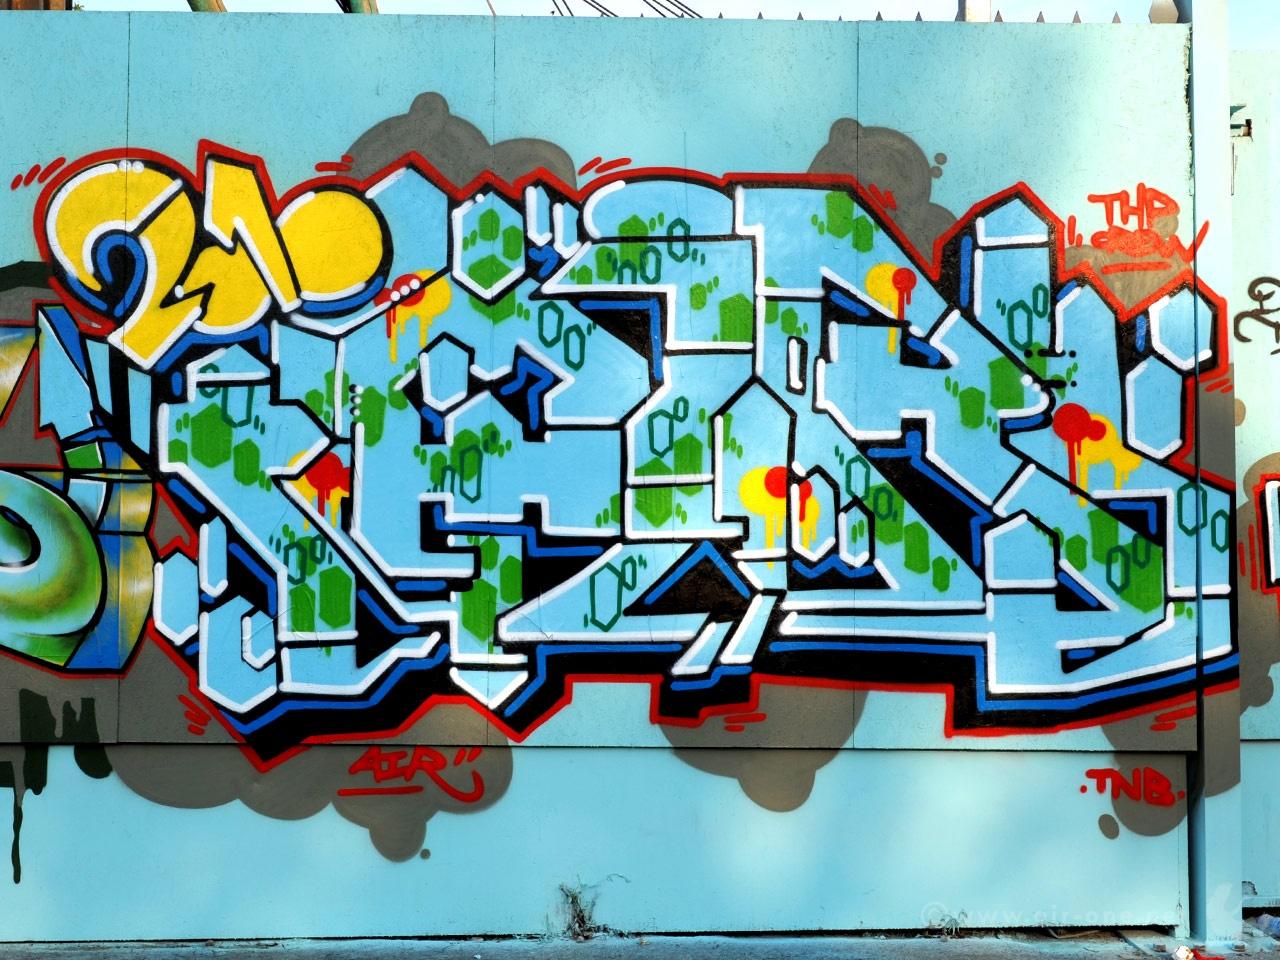 Airone - Milano 2010